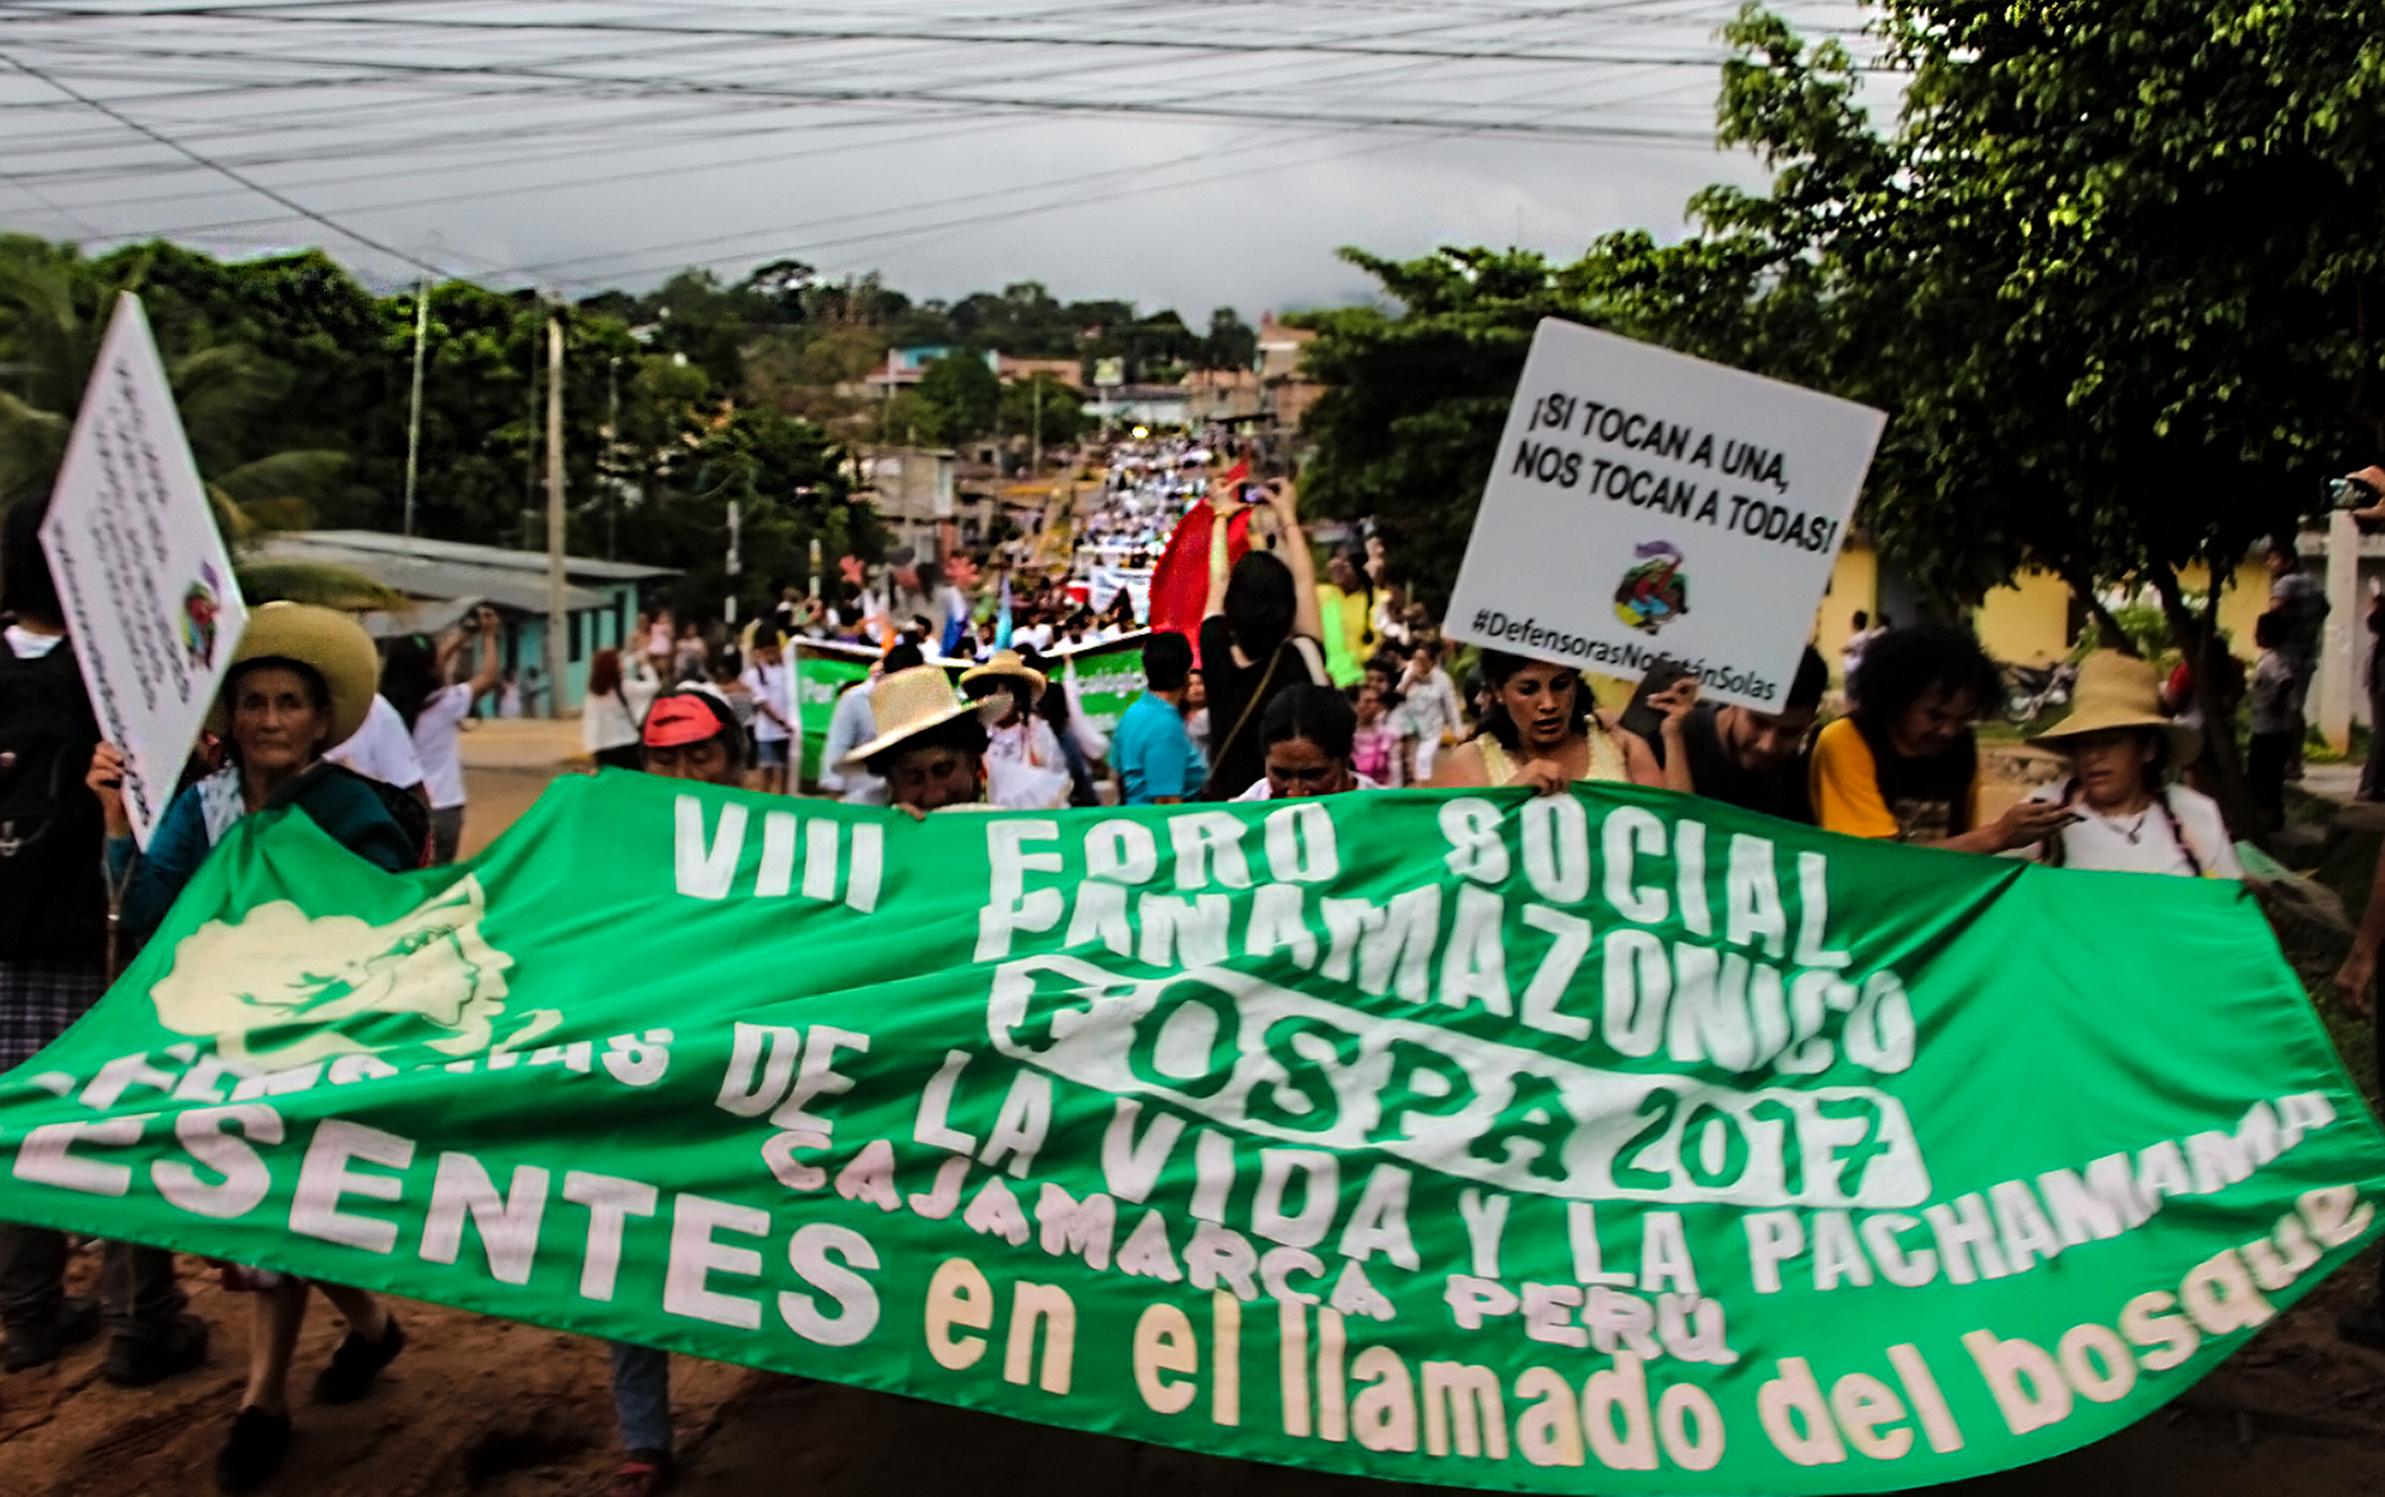 Escutar o Chamado da Floresta: VIII Fórum Social Panamazônico